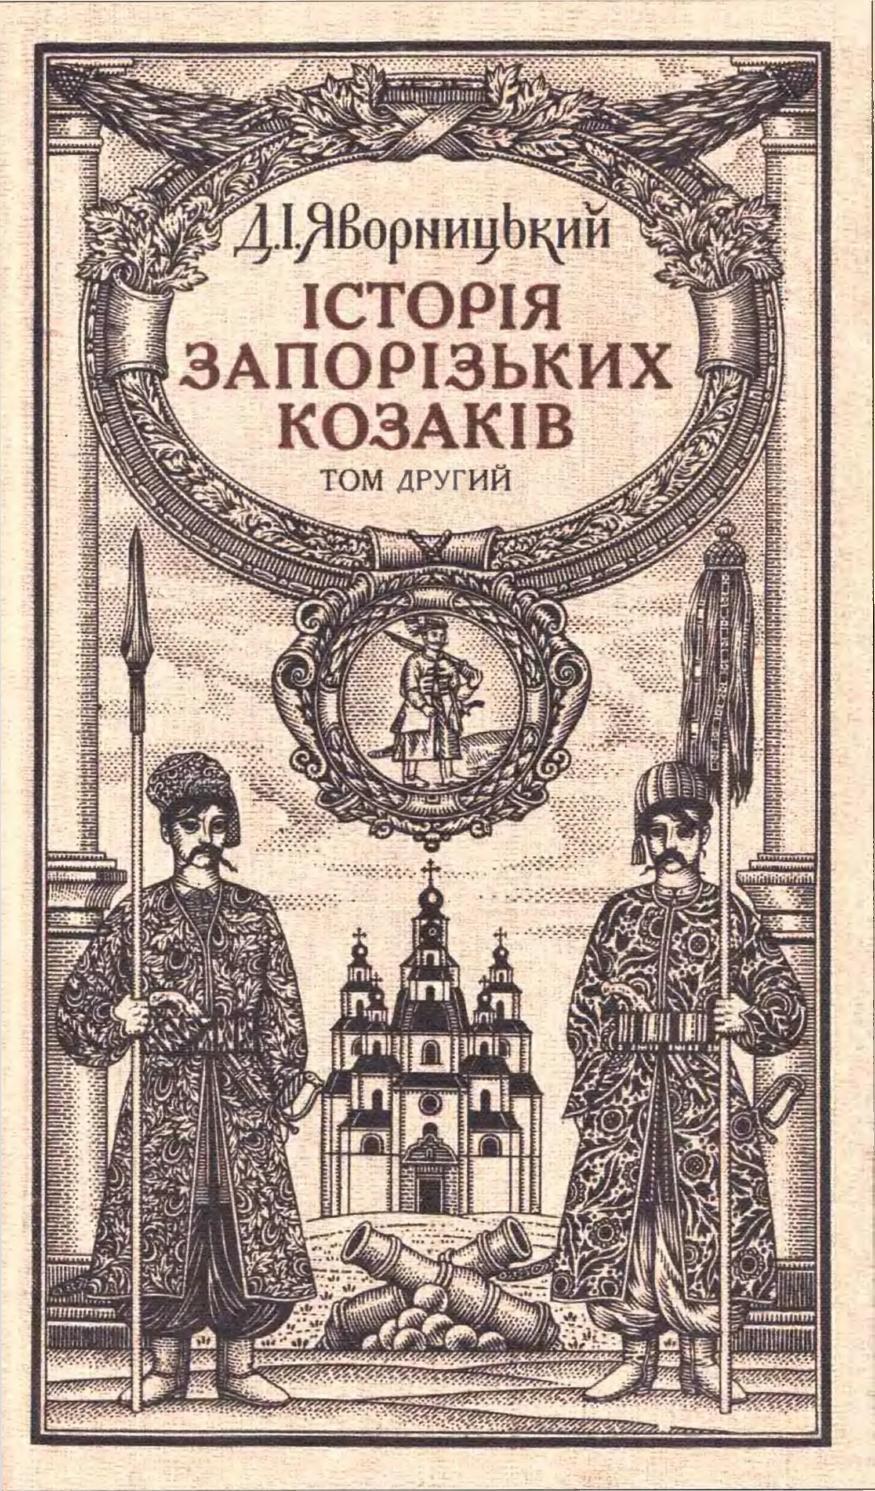 Історія запорізьких козаків. Другий том by Watra - issuu af144c31dde22